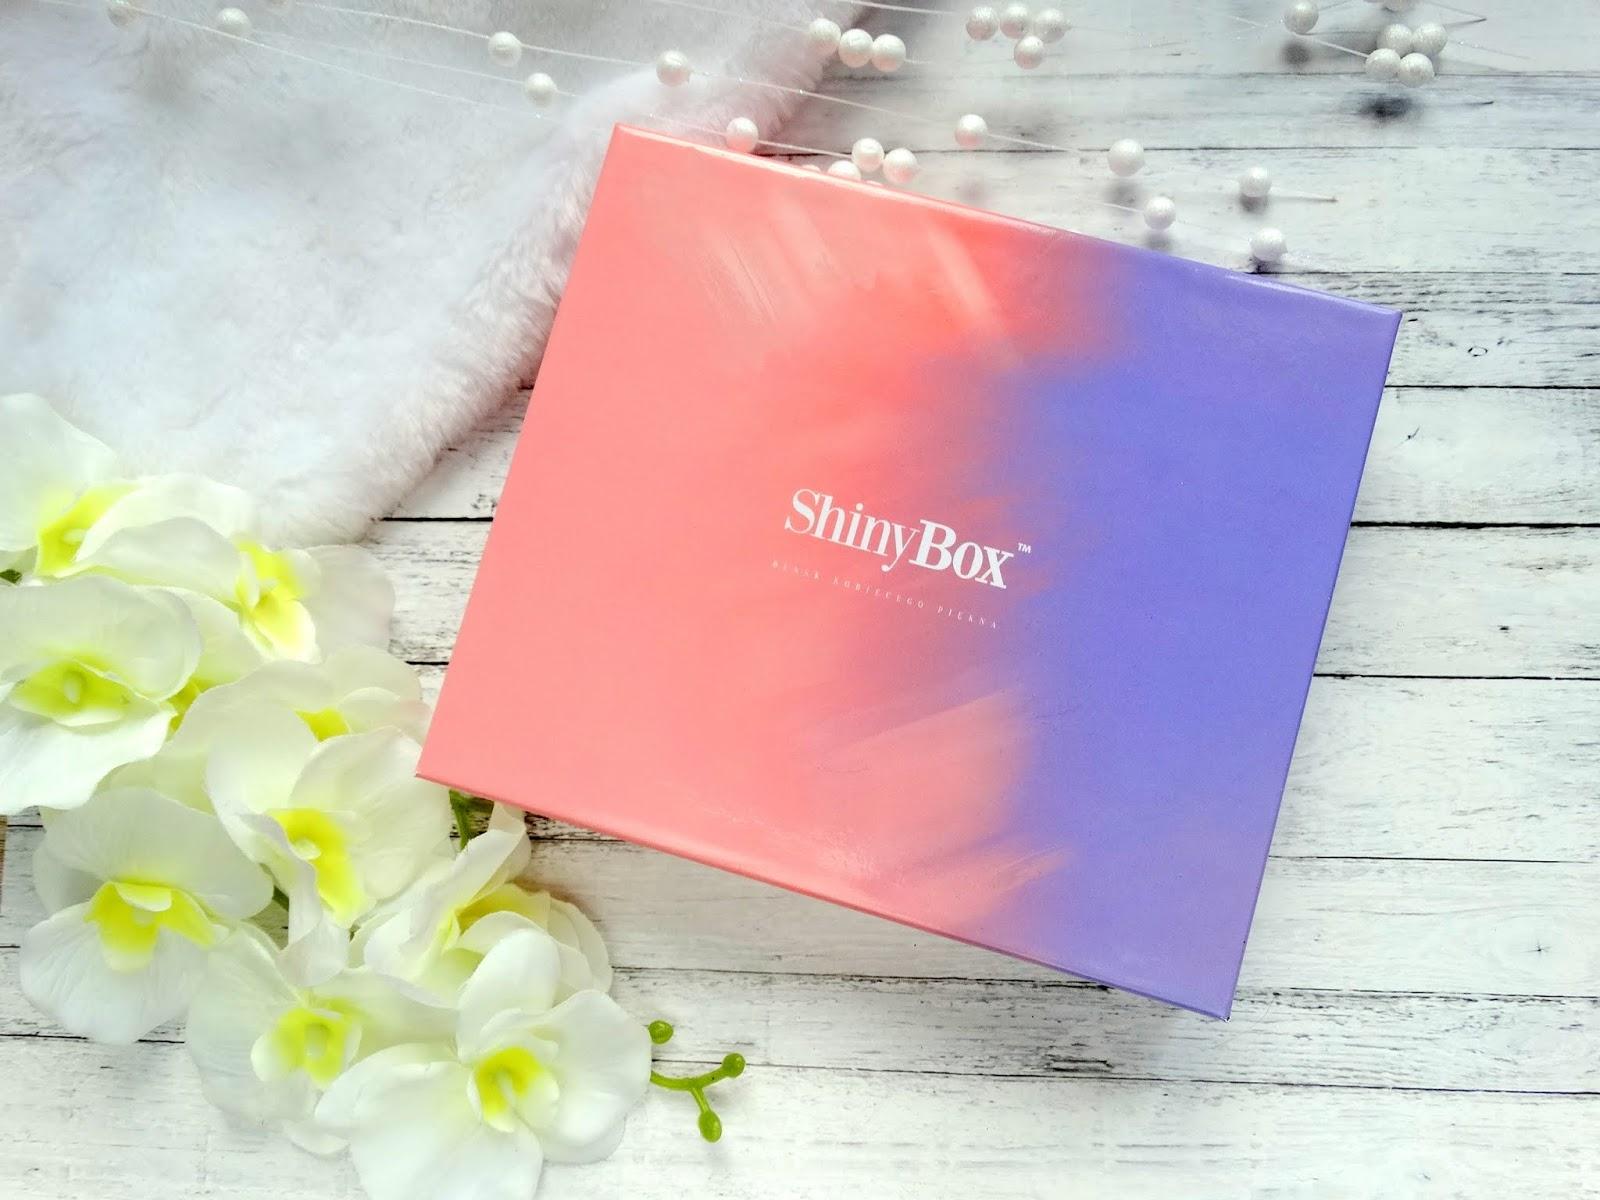 ShinyBox 'Get the new look'